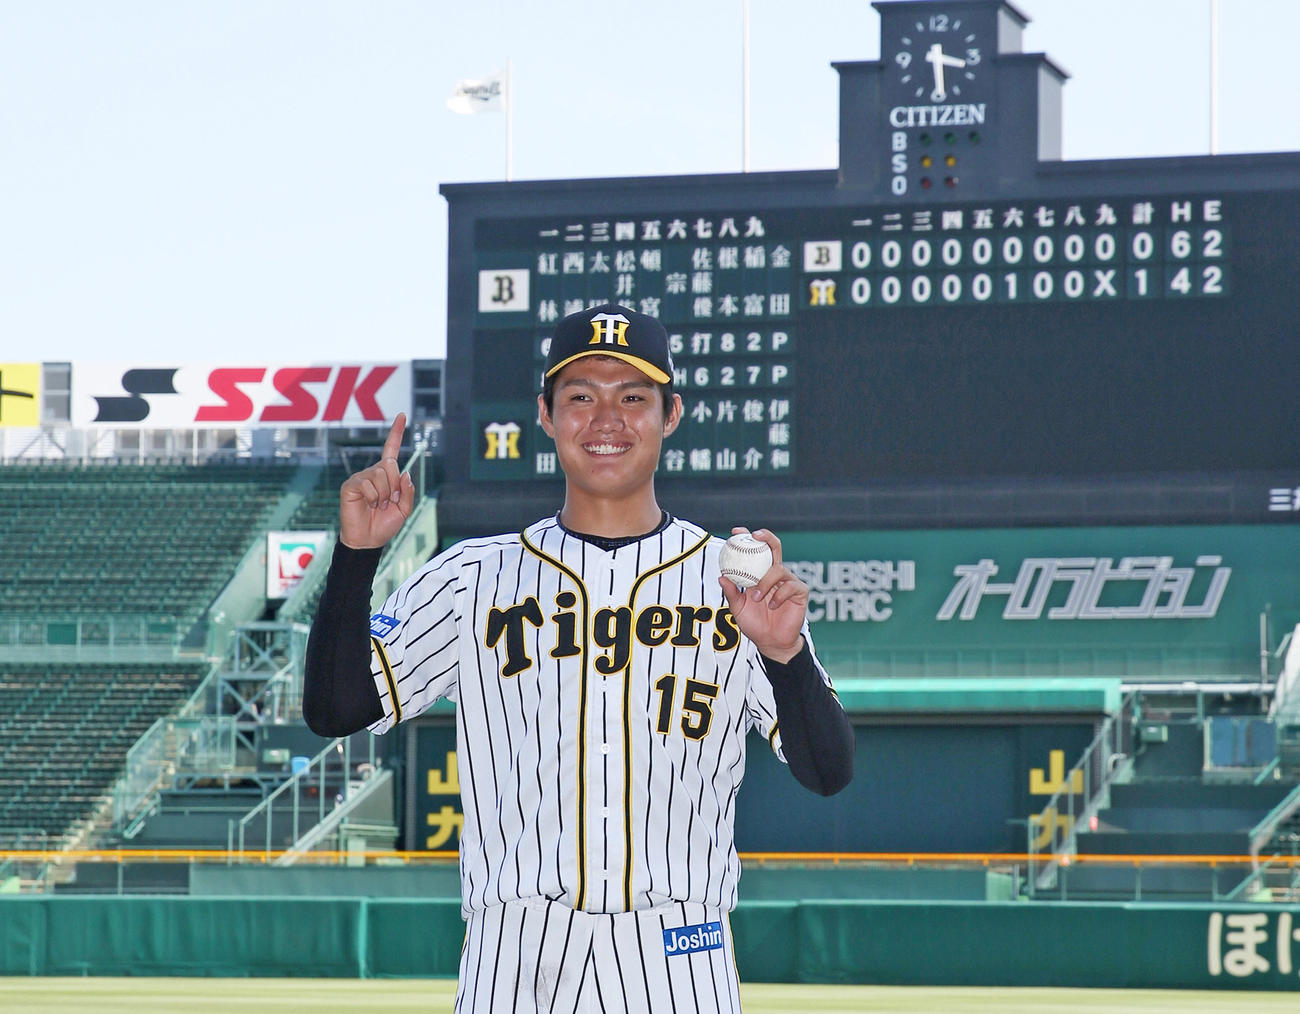 2軍戦でプロ初勝利を挙げ、笑顔でポーズを決める阪神西純矢(2020年6月24日撮影)